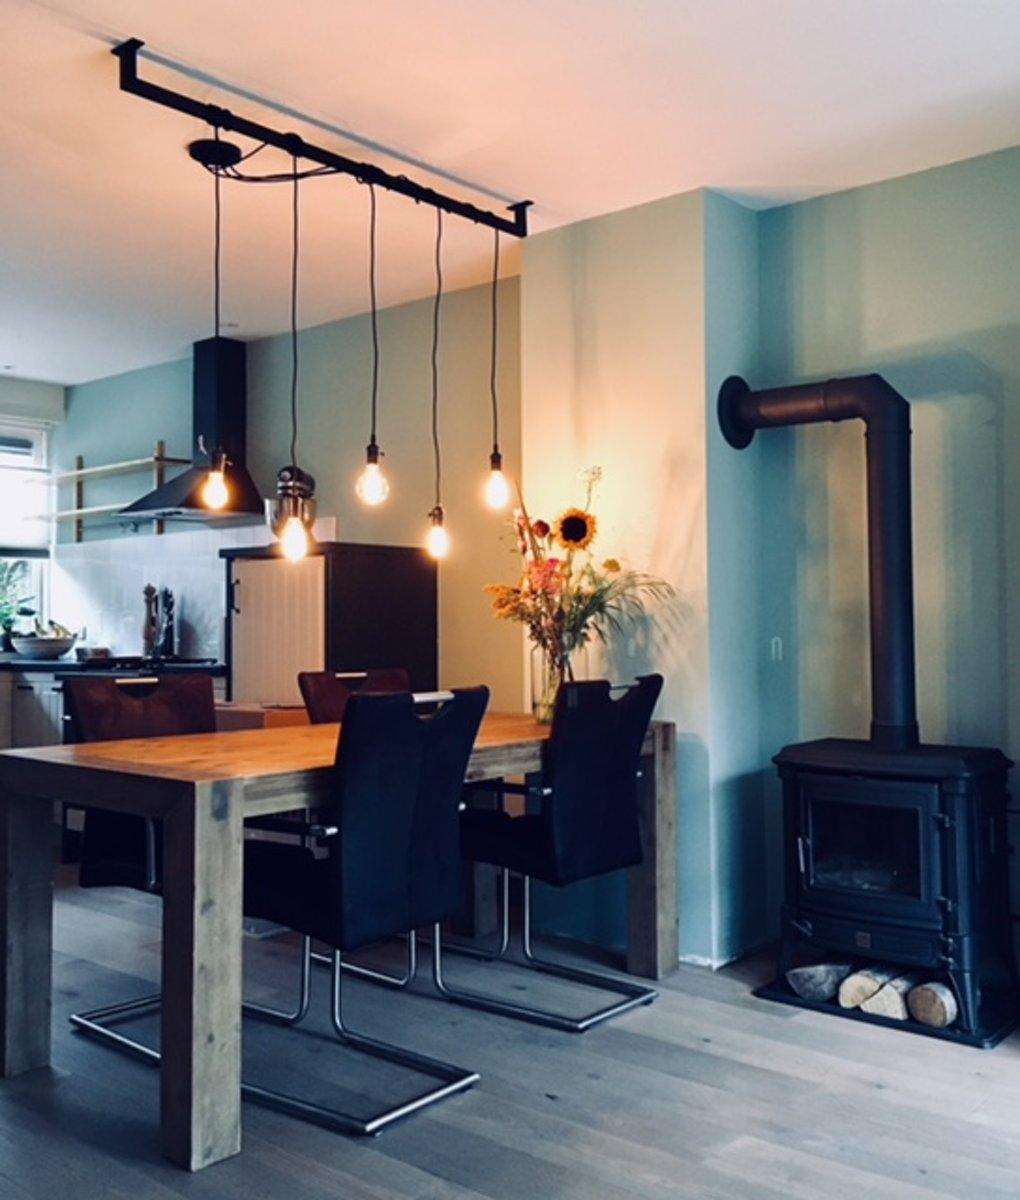 Industriele Keuken Lamp : Bol industriële keukenlamp loftdeur lightbar cm incl